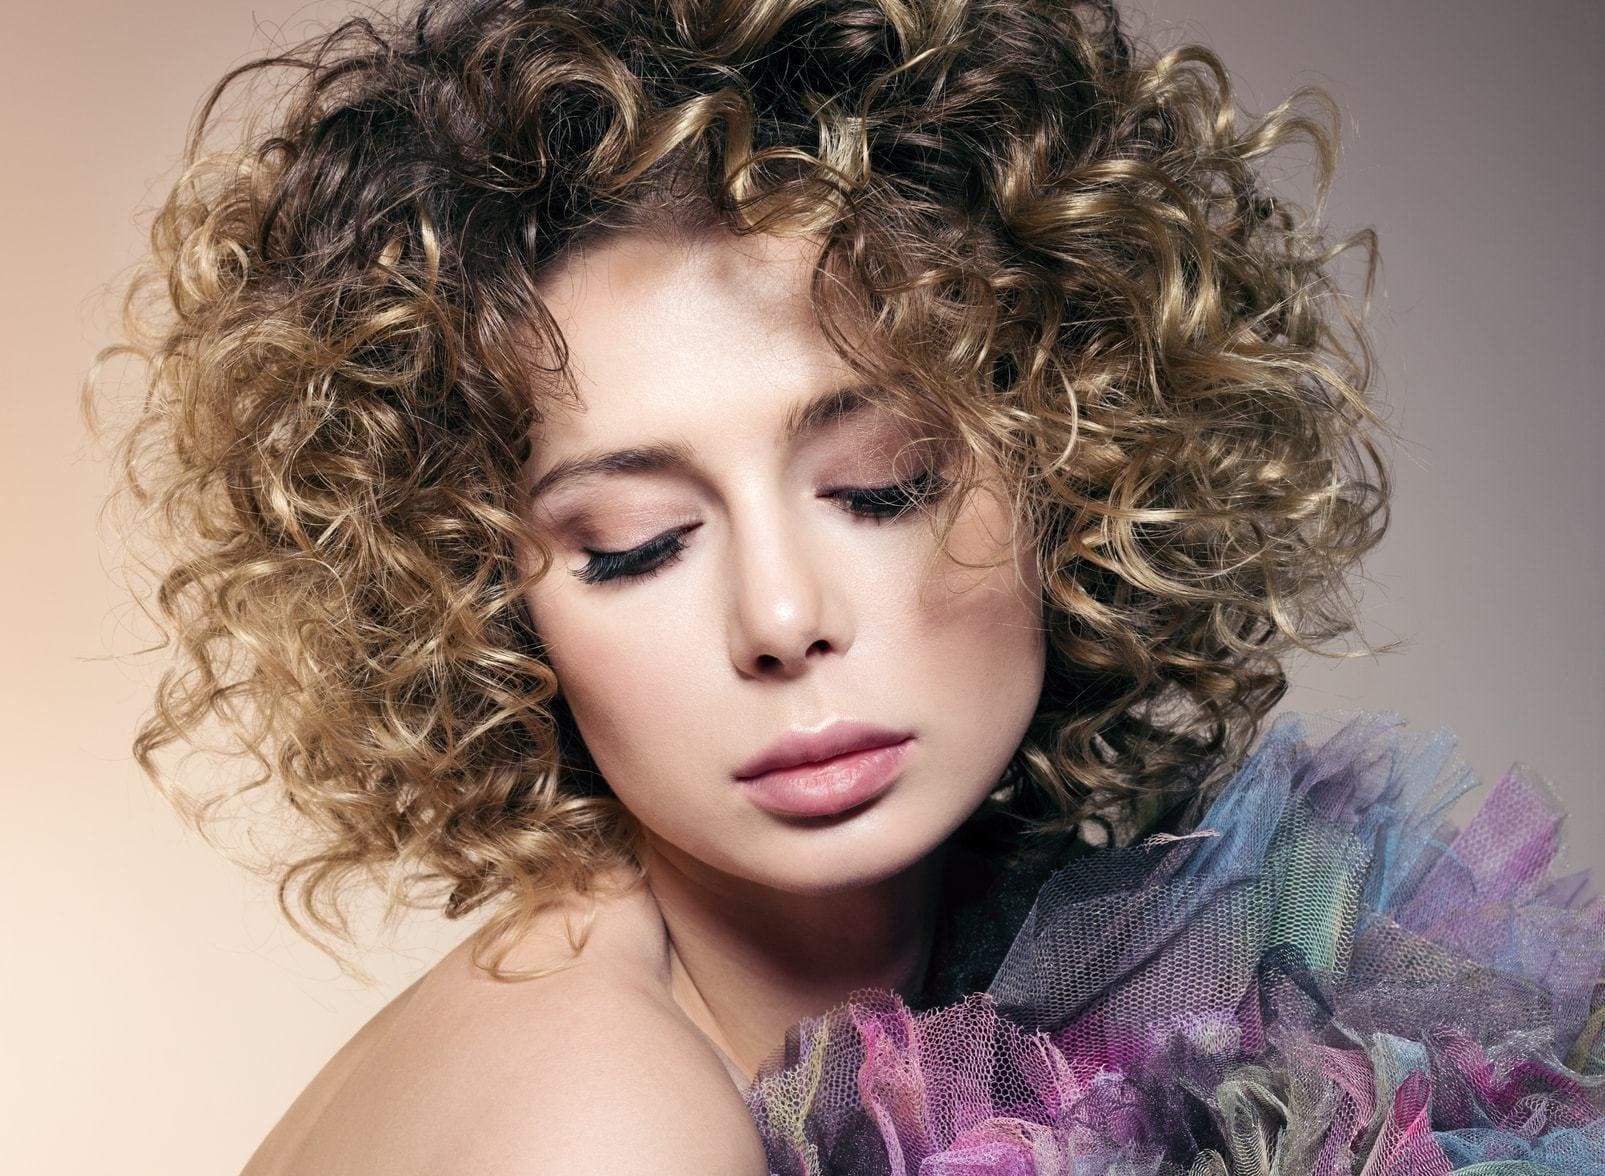 Especial peinados con ondas grandes Galería De Consejos De Color De Pelo - Permanente Cabello Rulos Grandes: 6 Estilos elegantes para ...